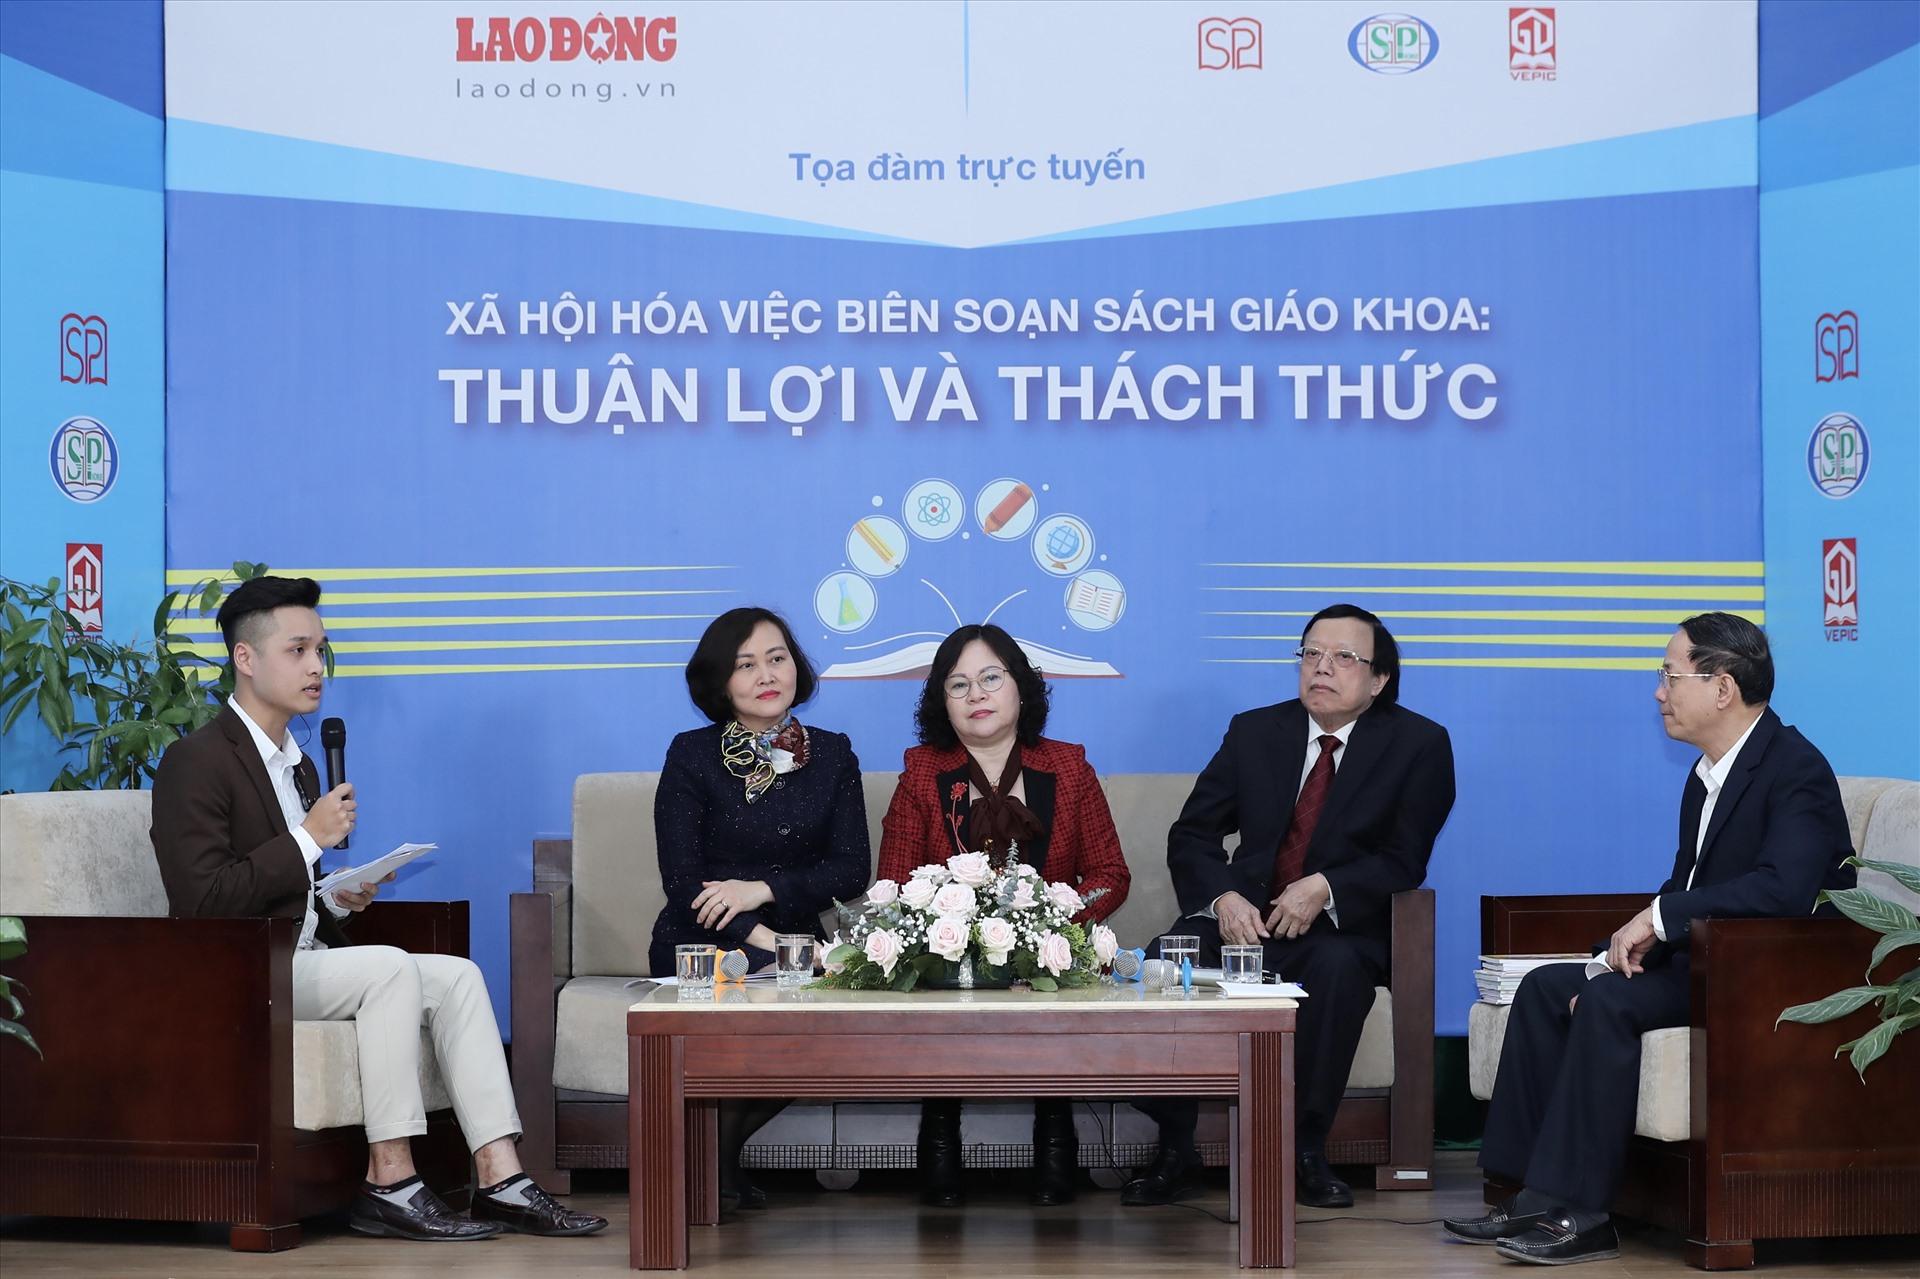 Công bố chính thức bộ sách giáo khoa xã hội hóa đầu tiên tại Việt Nam